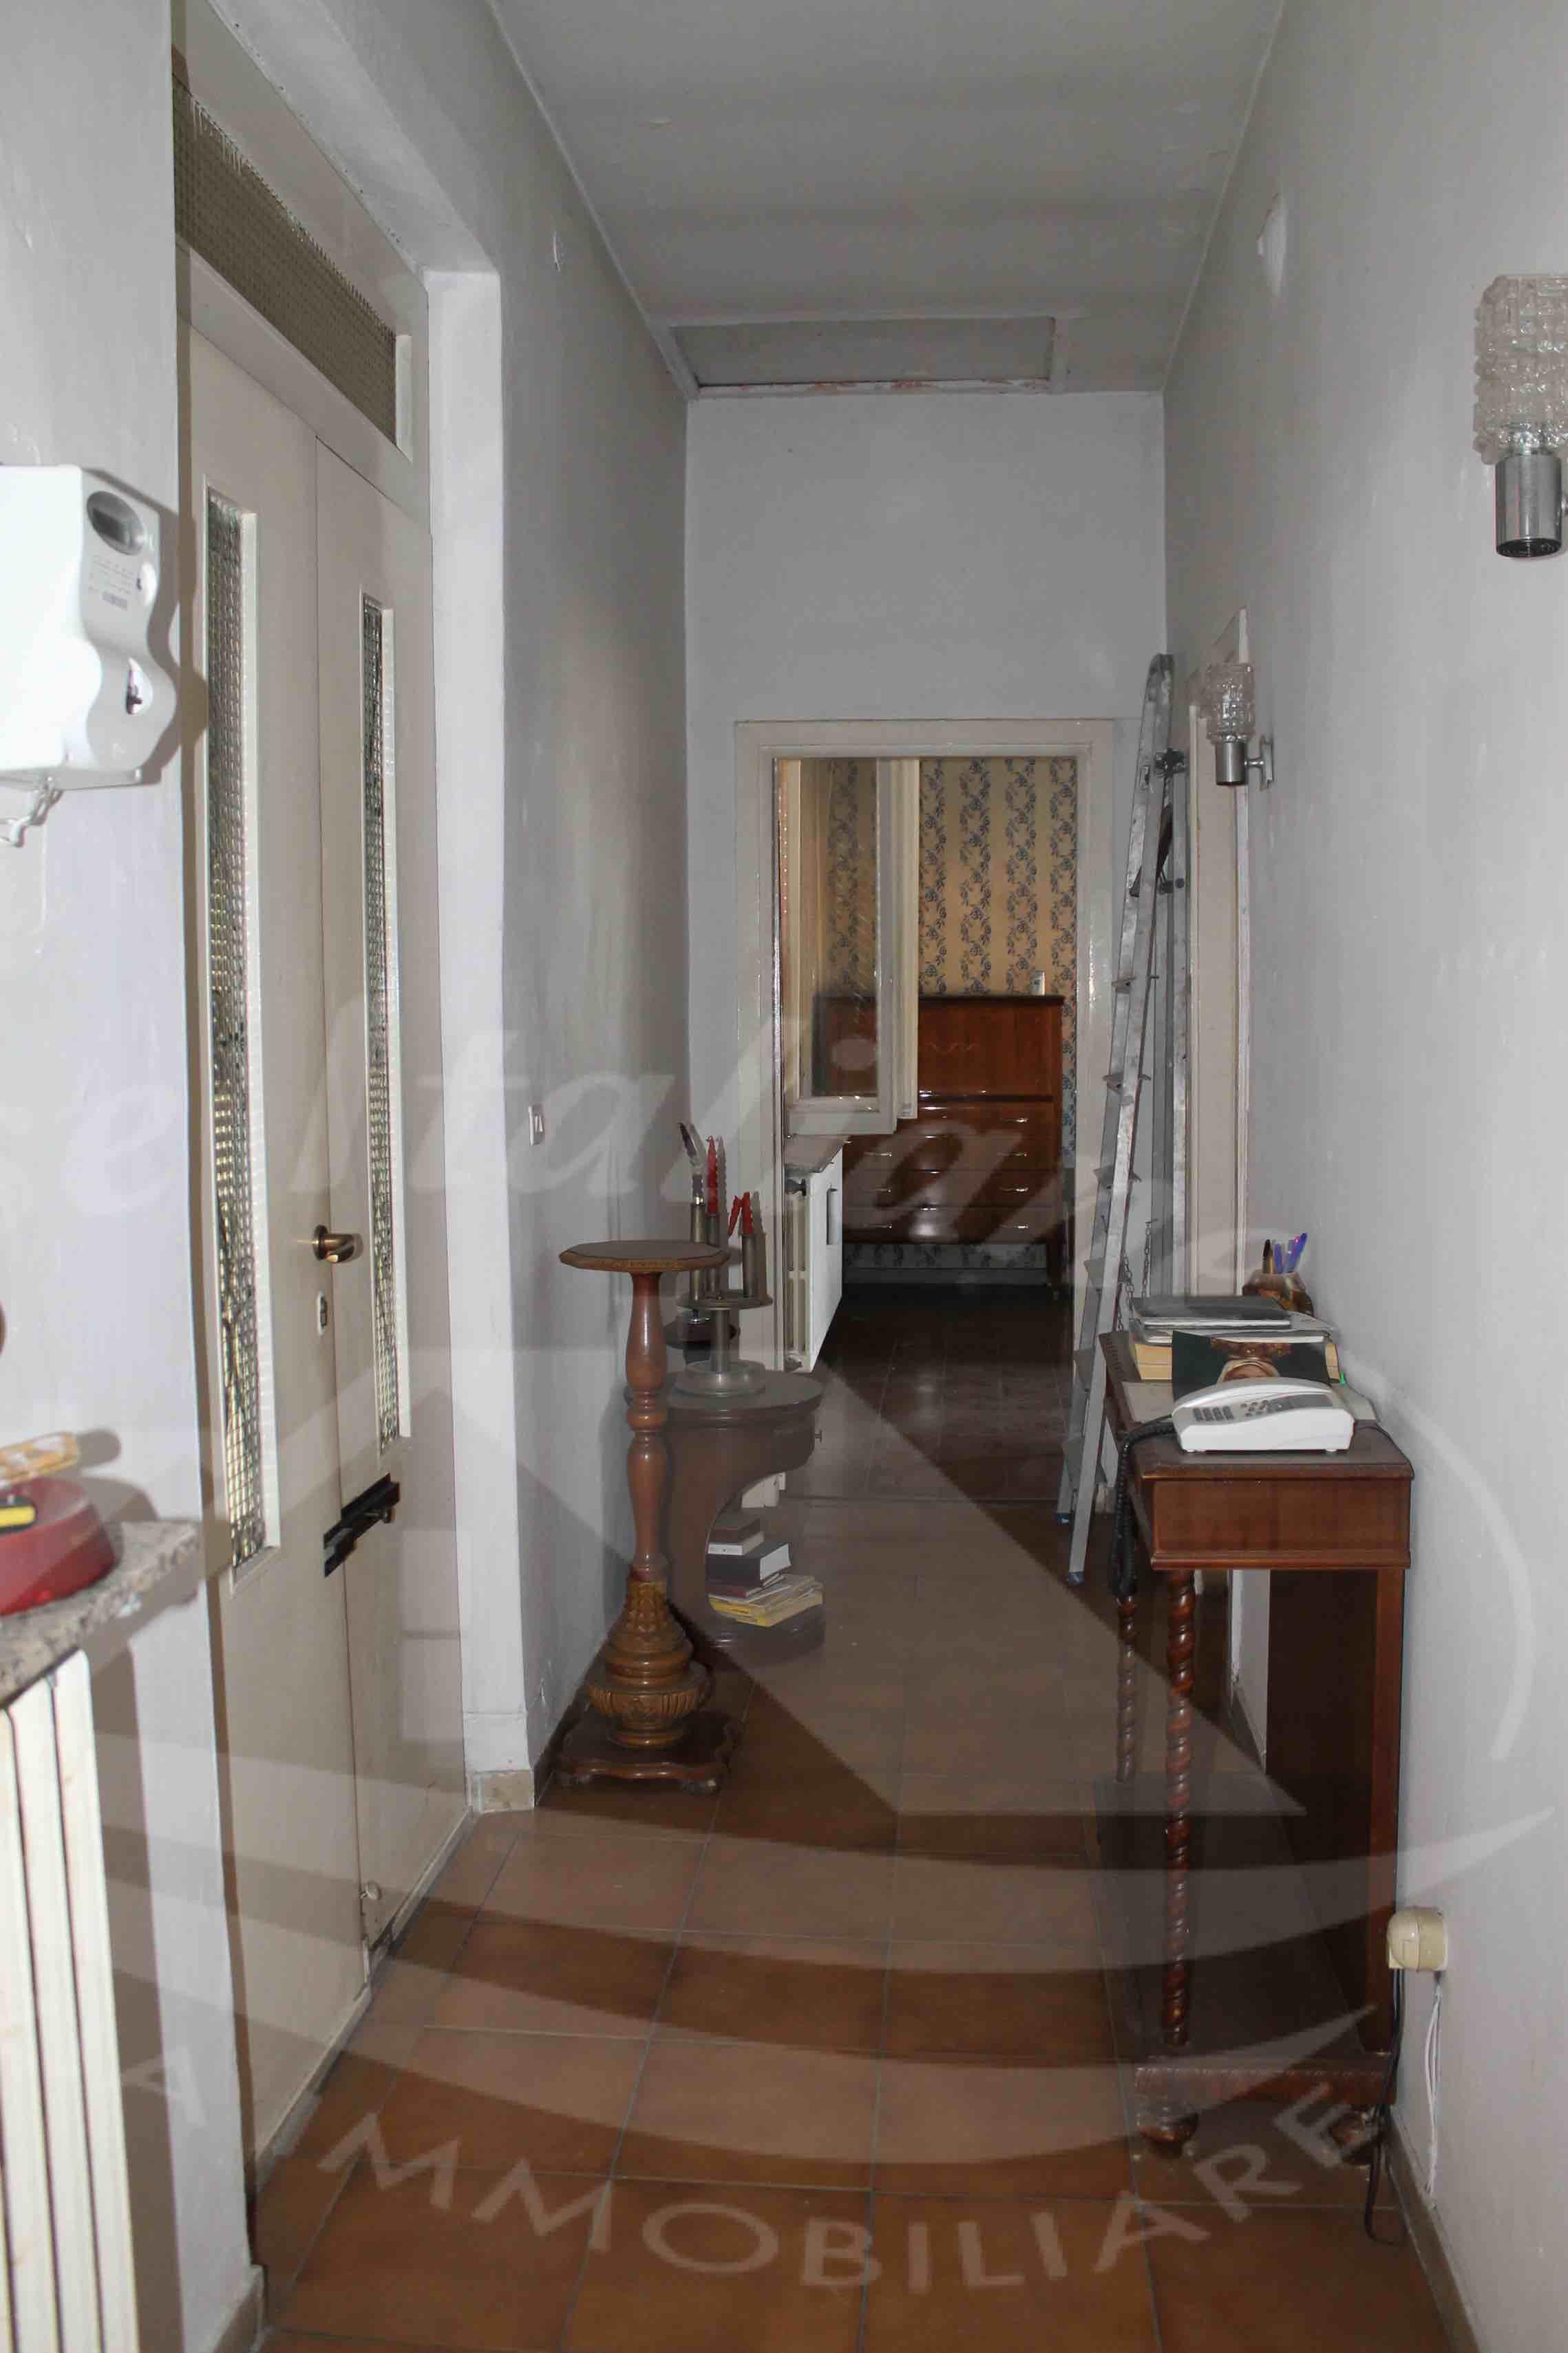 Photo 4 case italiane agenzia immobiliare cant for Negozi arredamento cantu